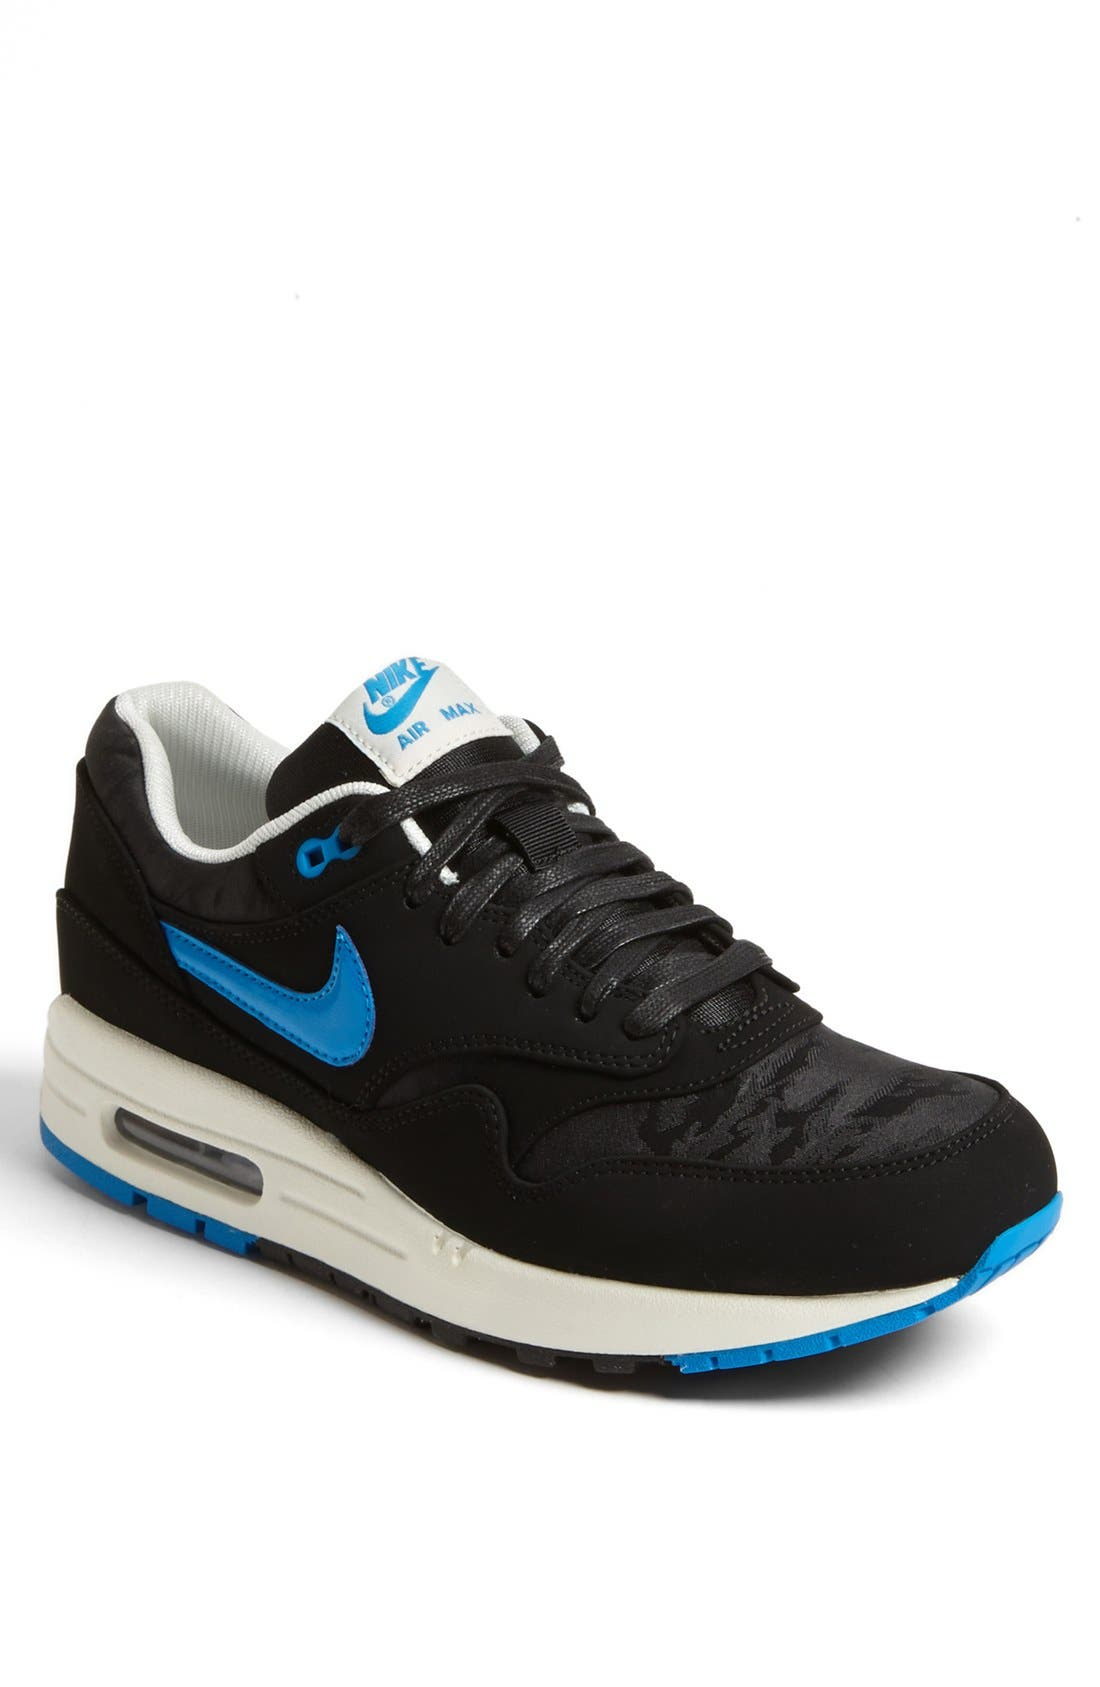 Main Image - Nike 'Air Max 1 Premium' Sneaker (Men)